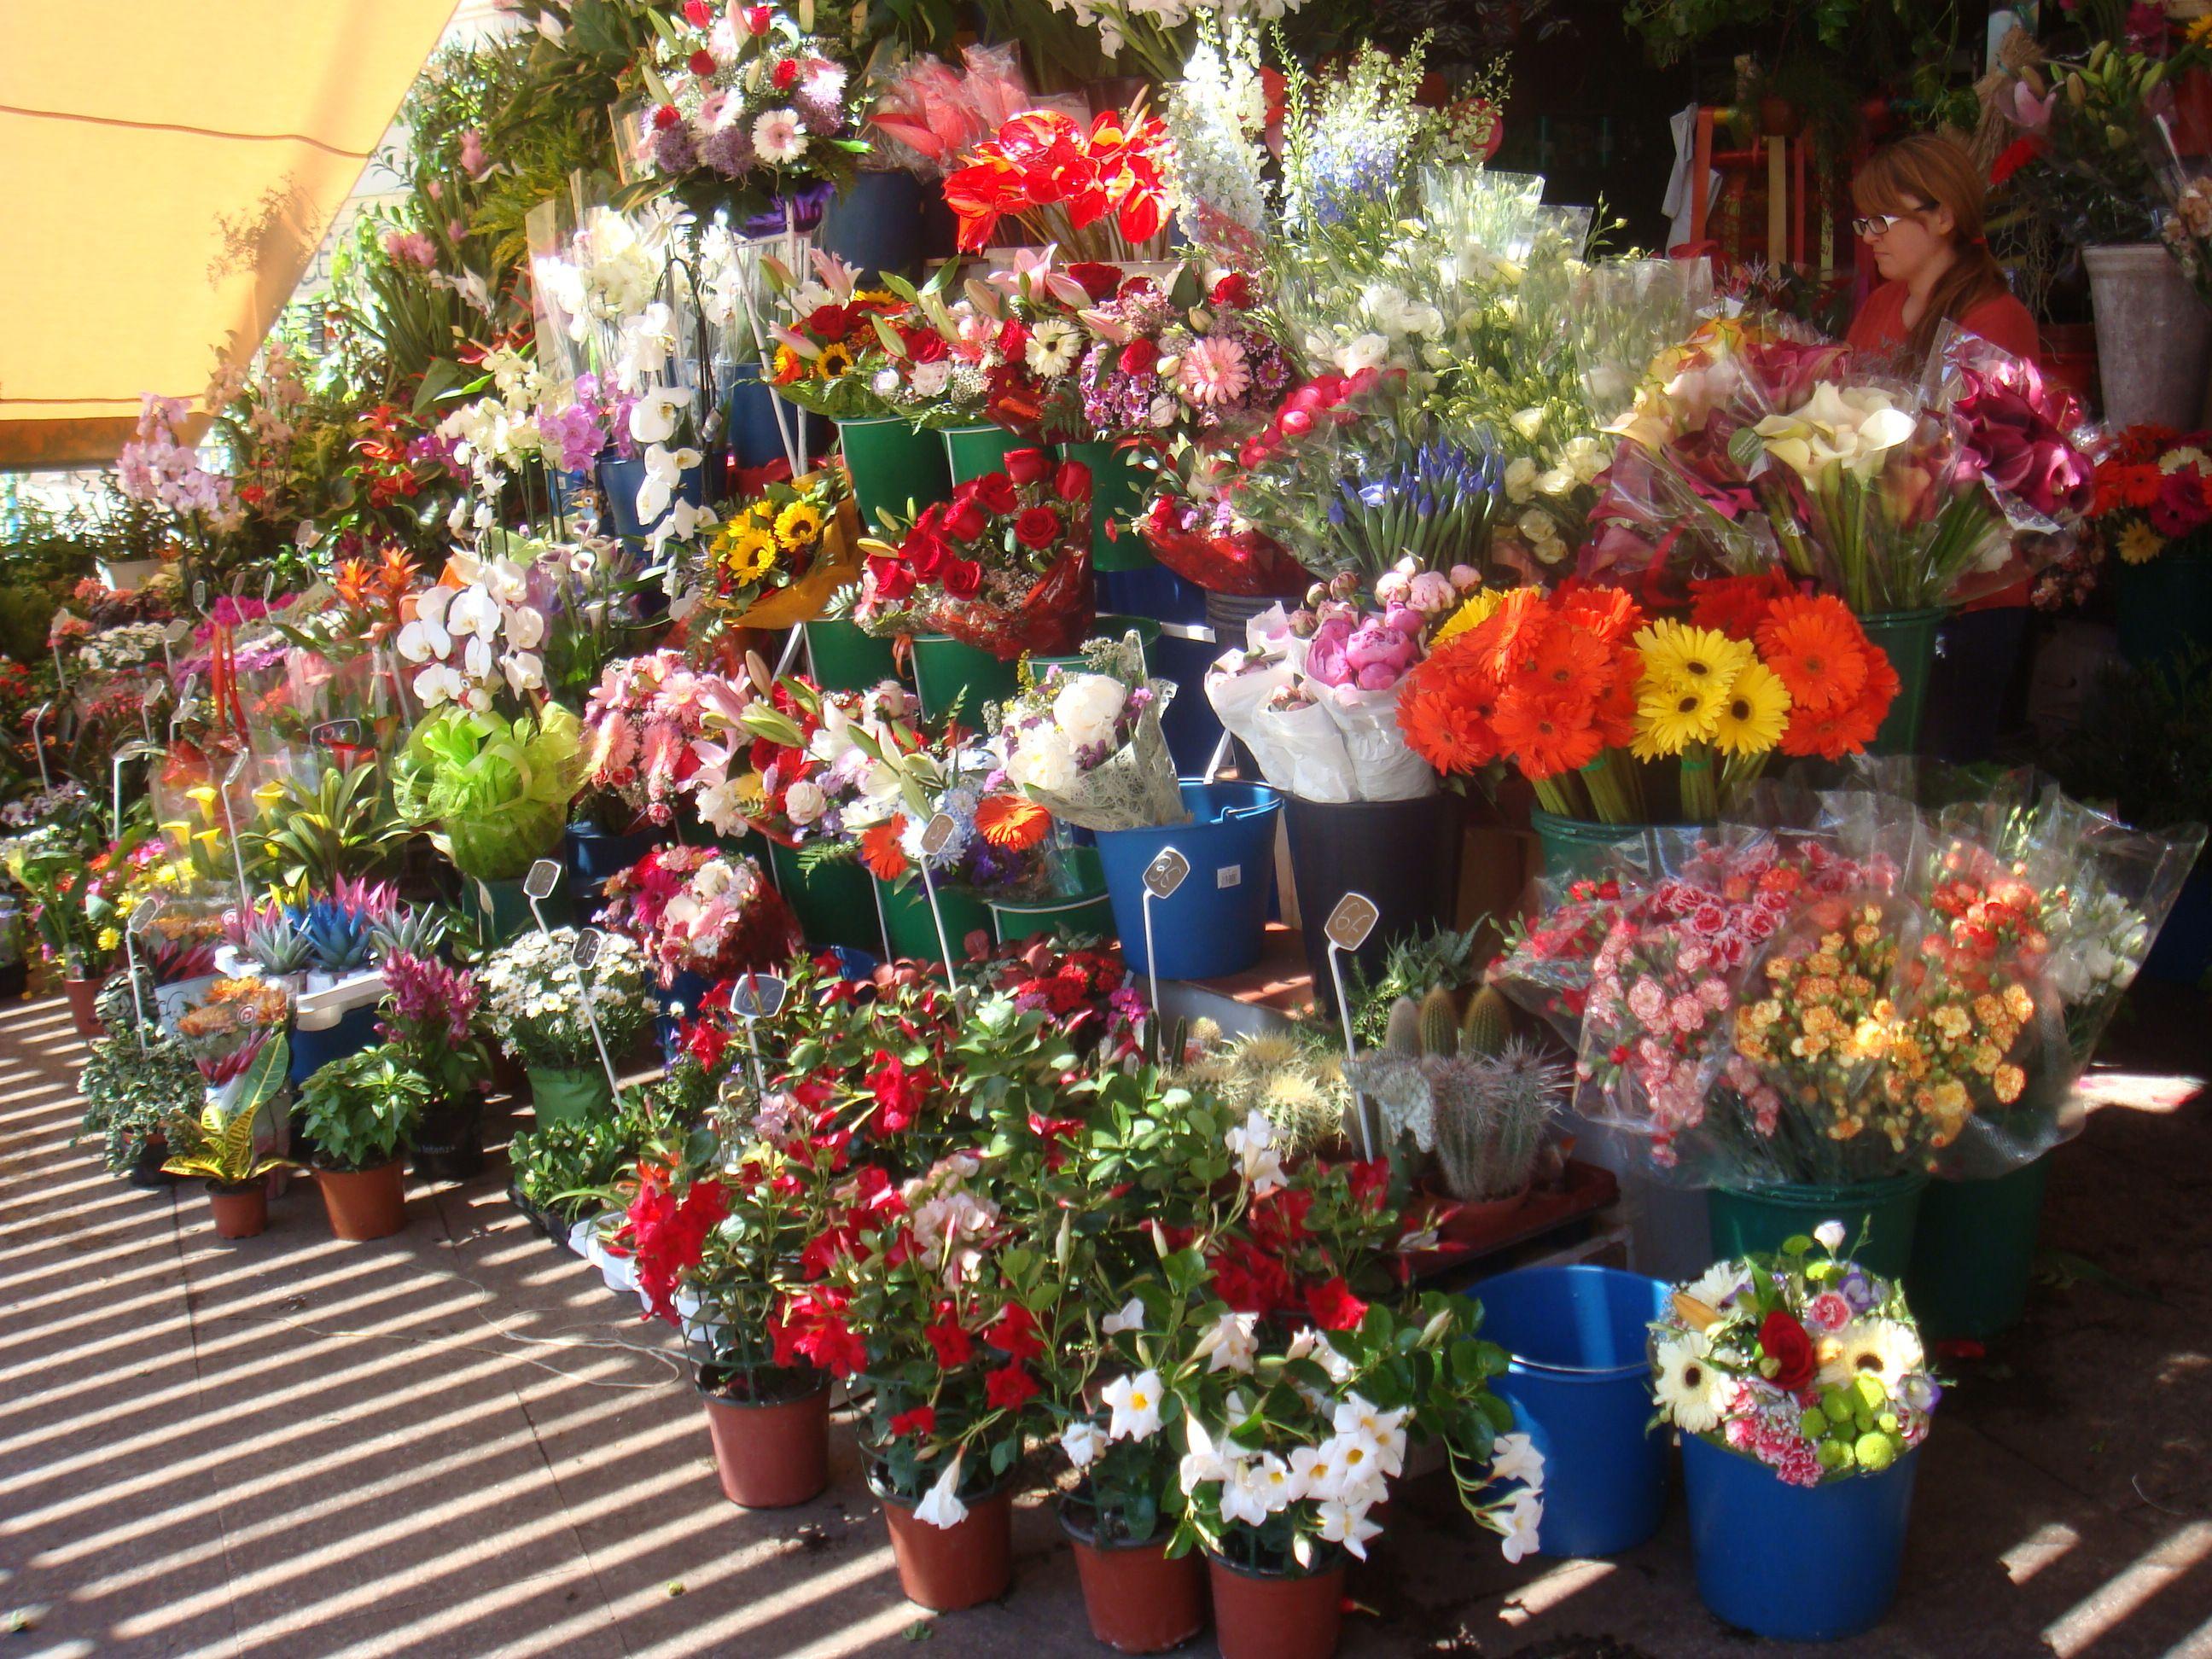 Hacía calor. Las flores eran bonitas. Tenían colores vivos. Algunas flores eran rojos, amarillos, anaranjados, morados, dorados, verdes, y rosados.